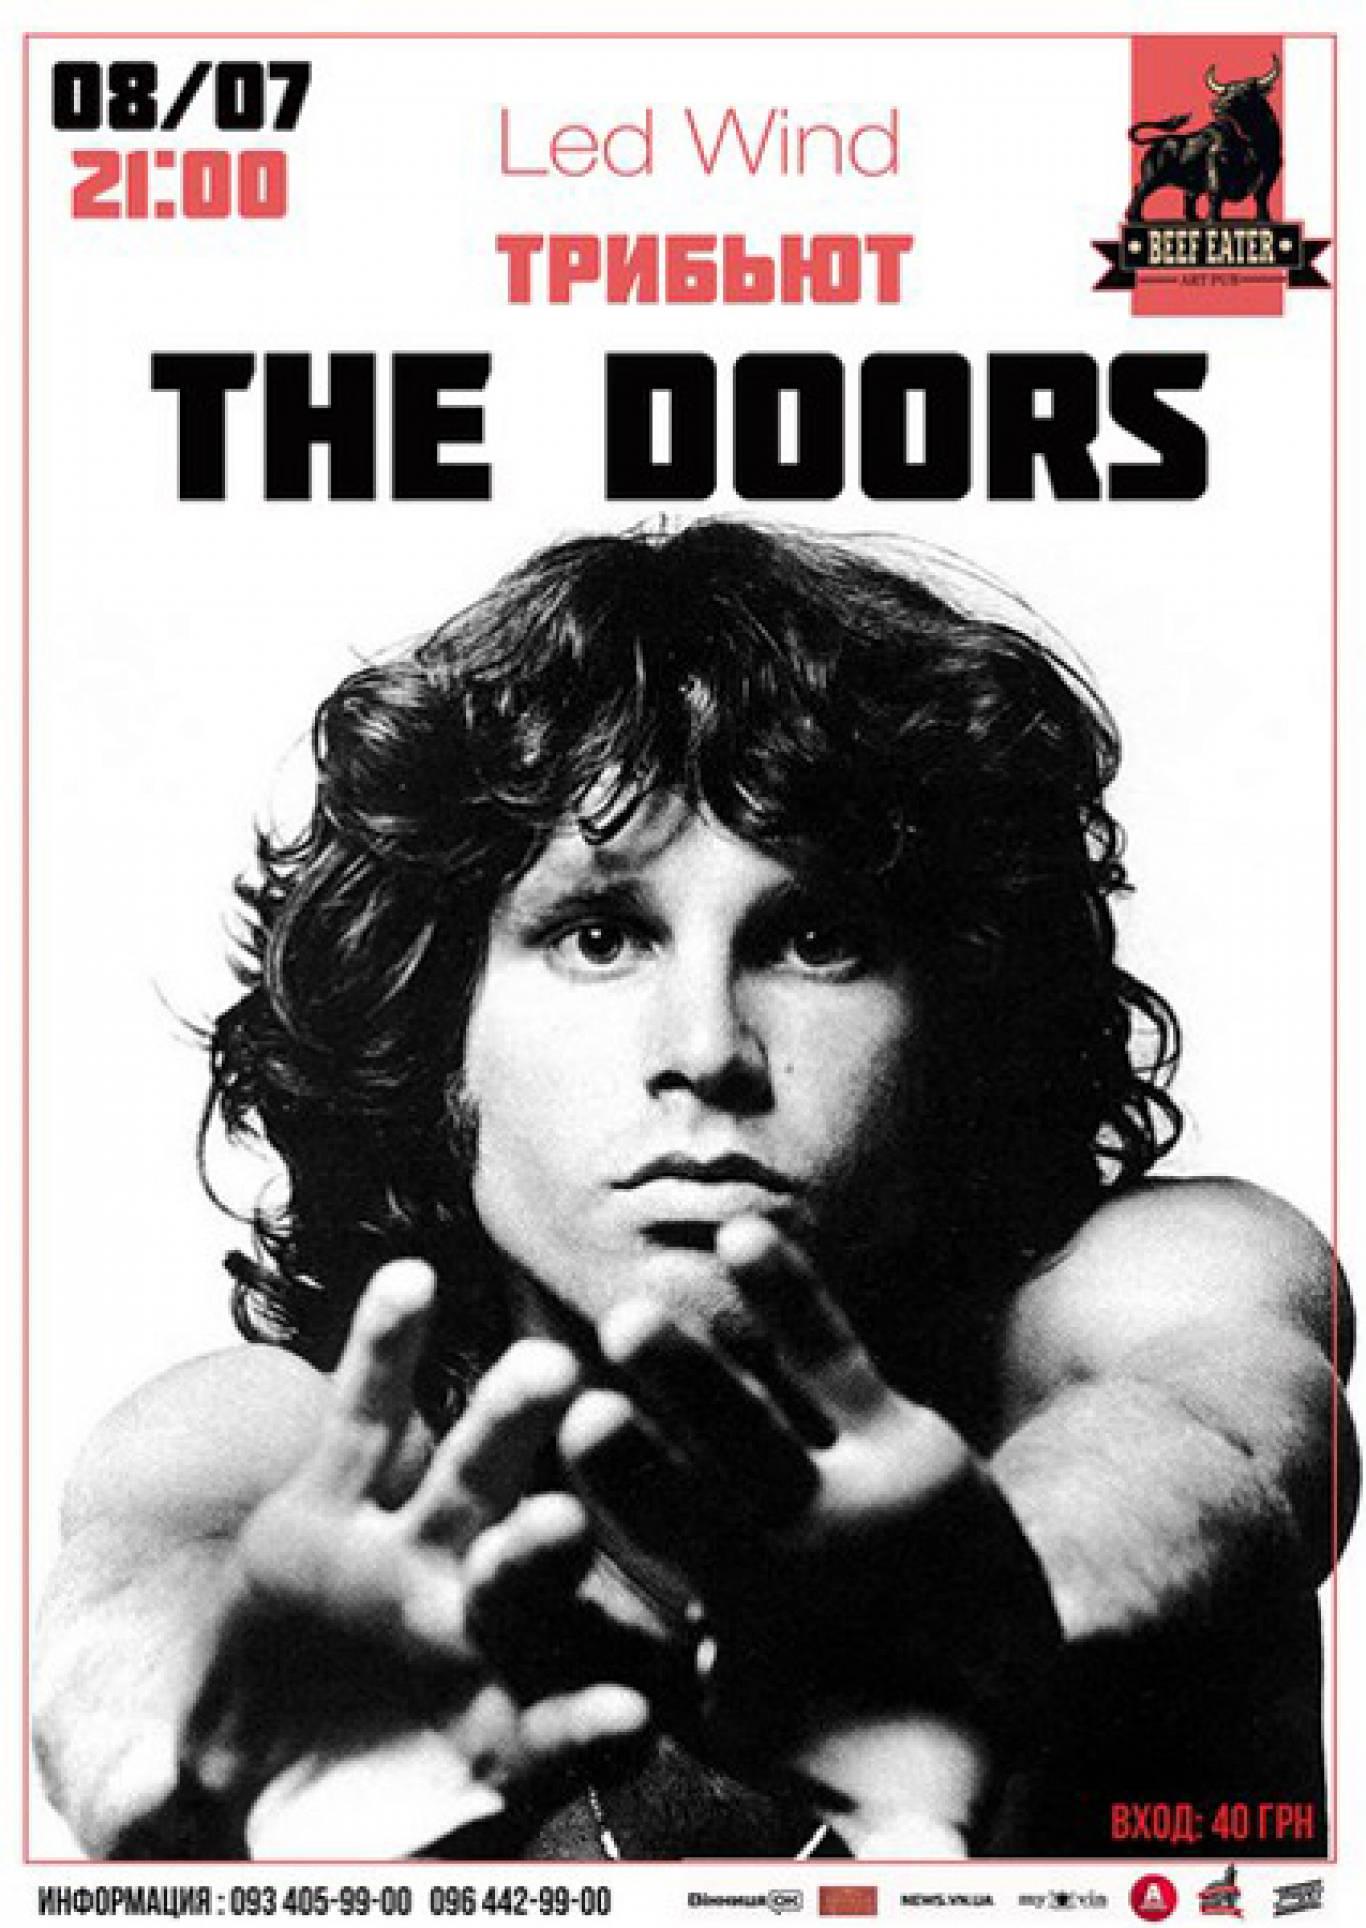 Гурт LedWind з трибютом The Doors